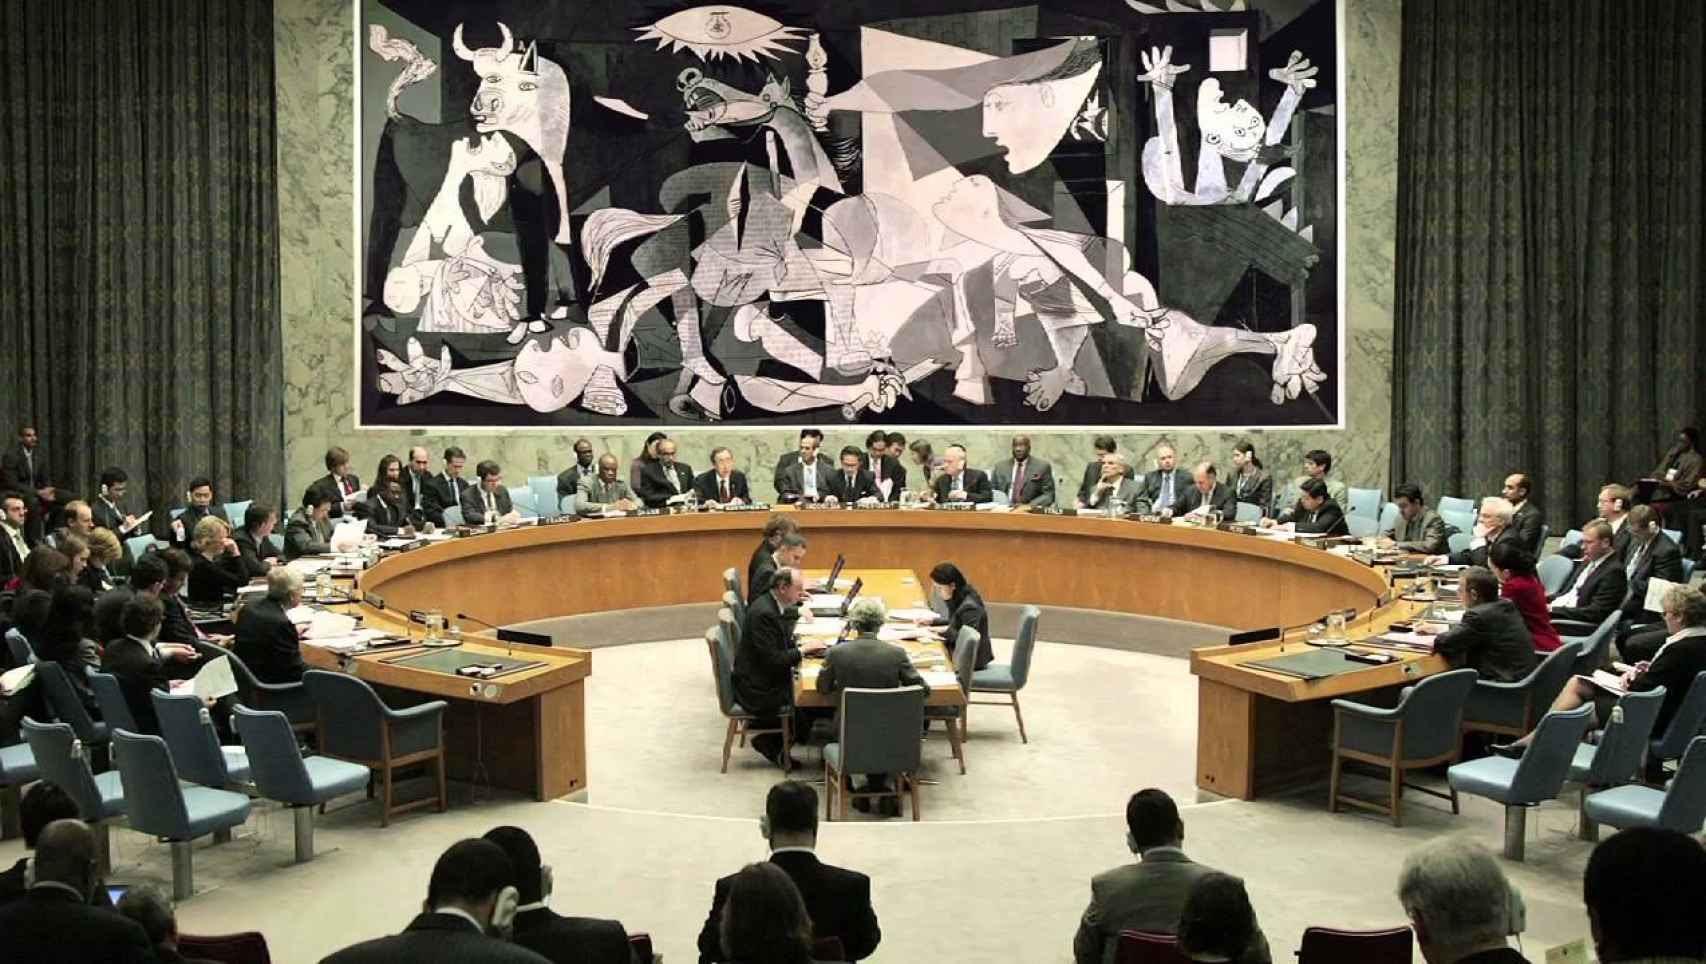 El tapiz de Guernica en la ONU.